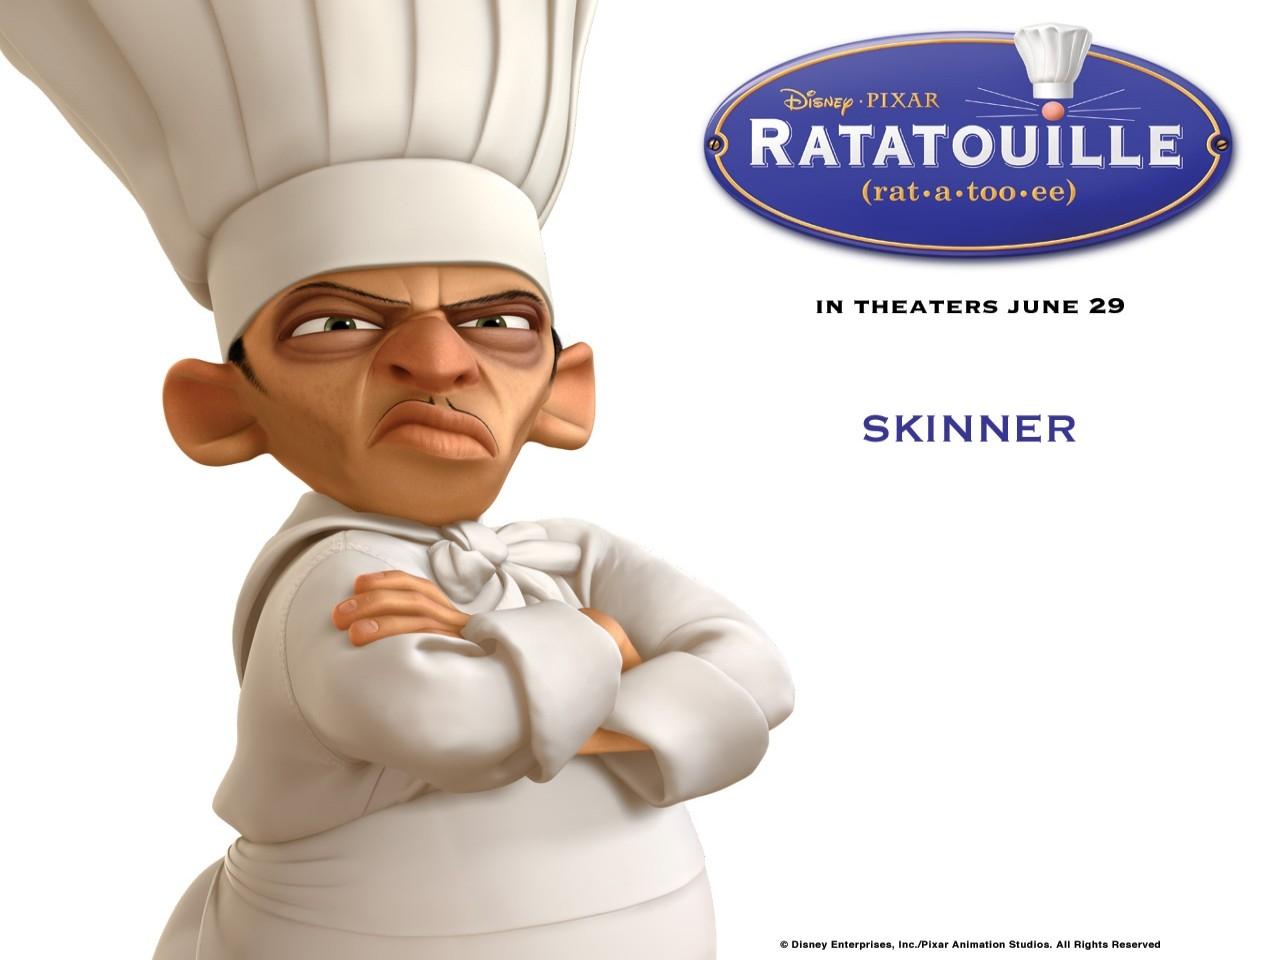 Wallpaper del film Ratatouille con Skinner